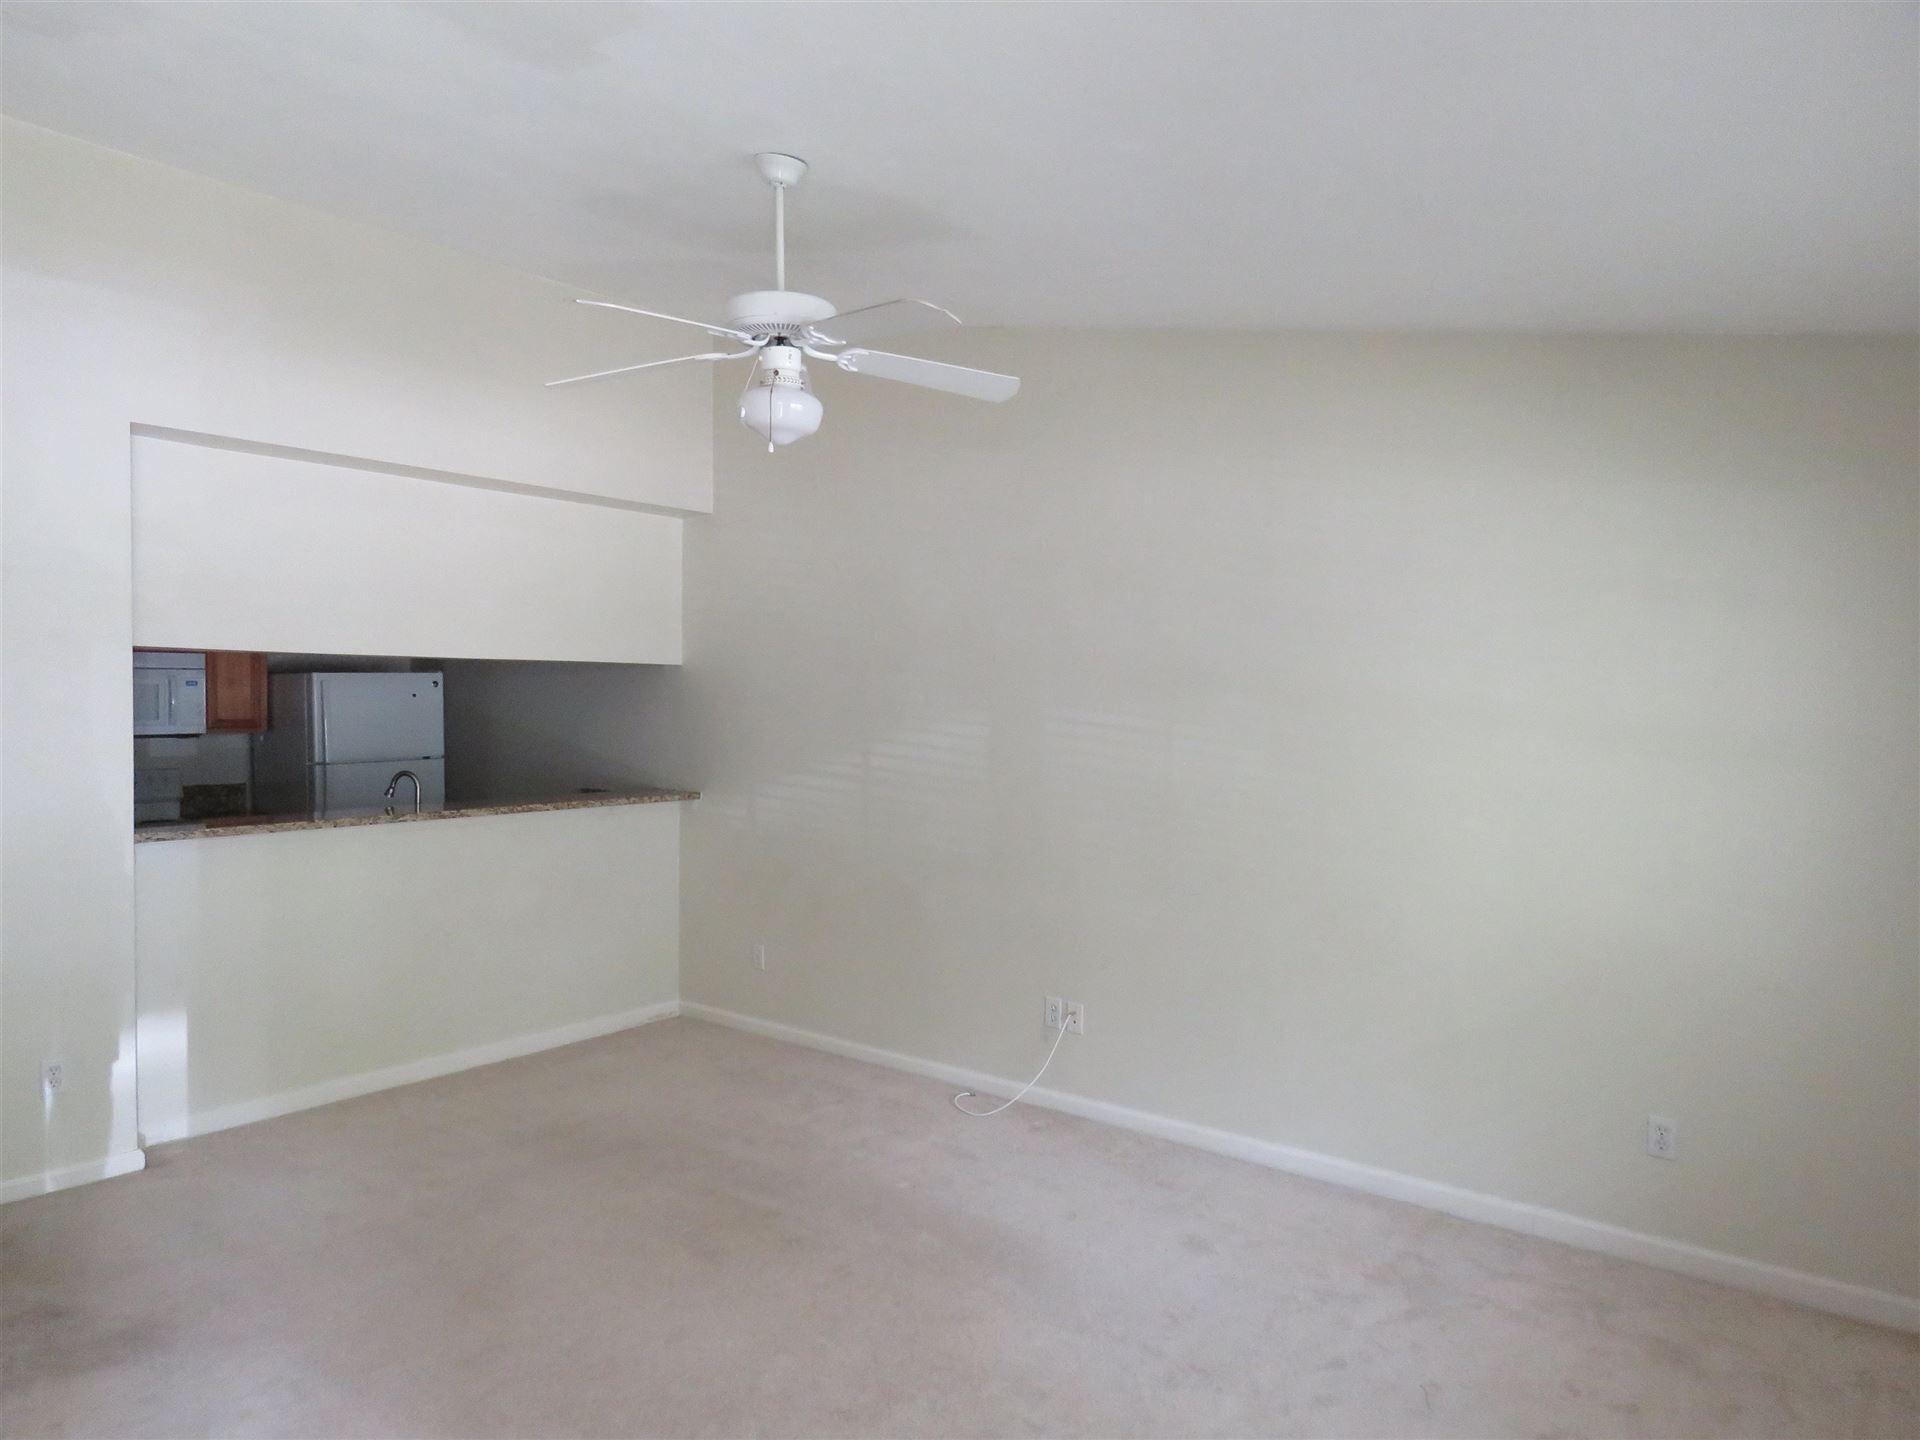 Photo of 2525 HARTSFIELD Road #18, TALLAHASSEE, FL 32303 (MLS # 337455)